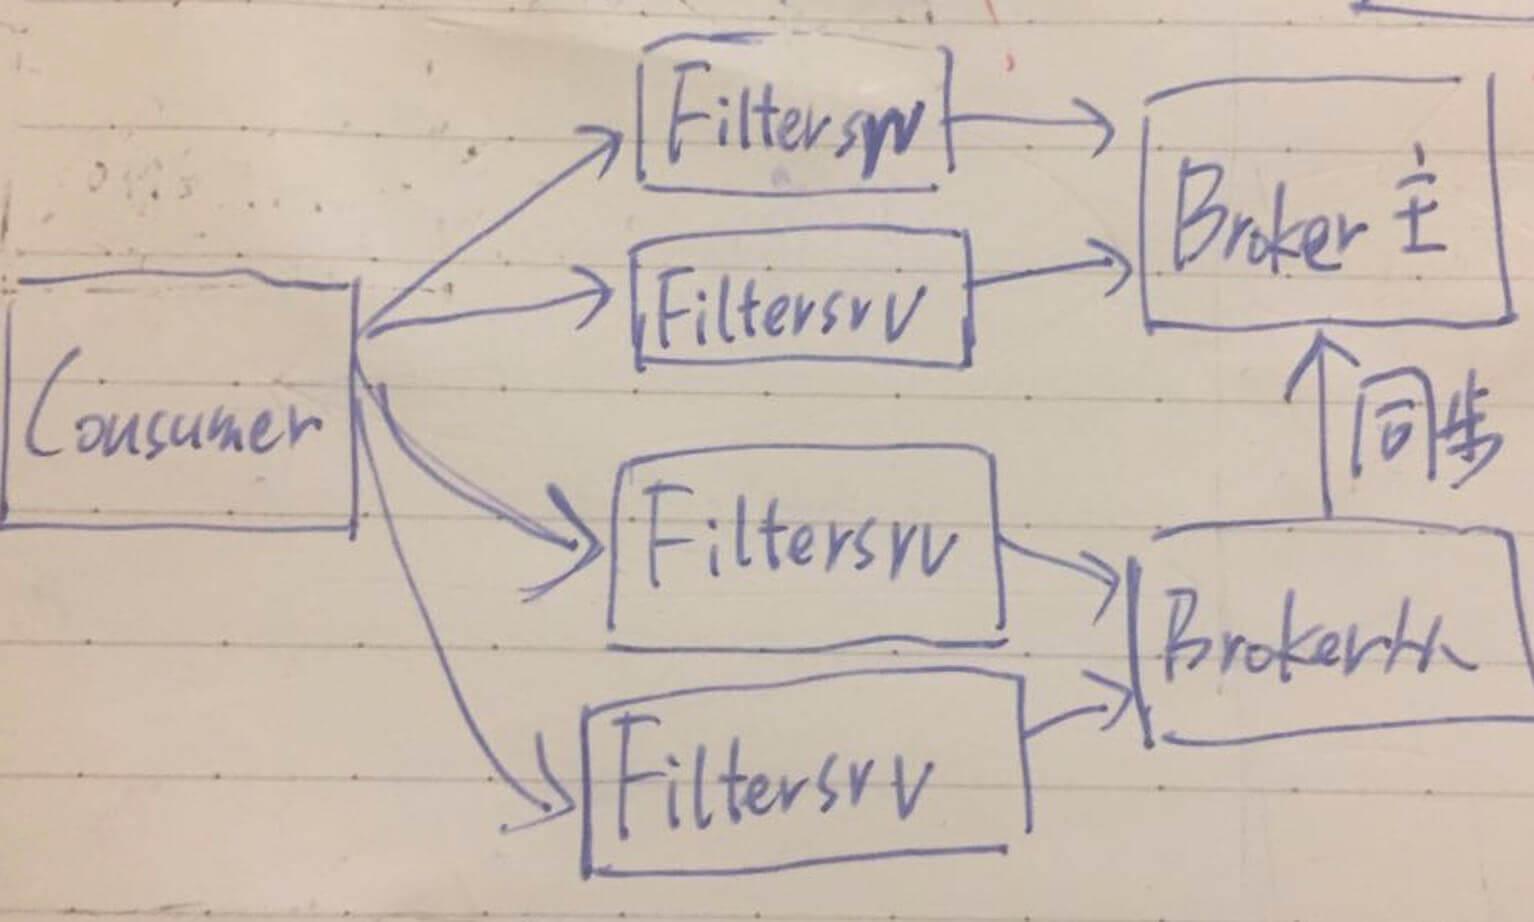 Filtersrv过可用